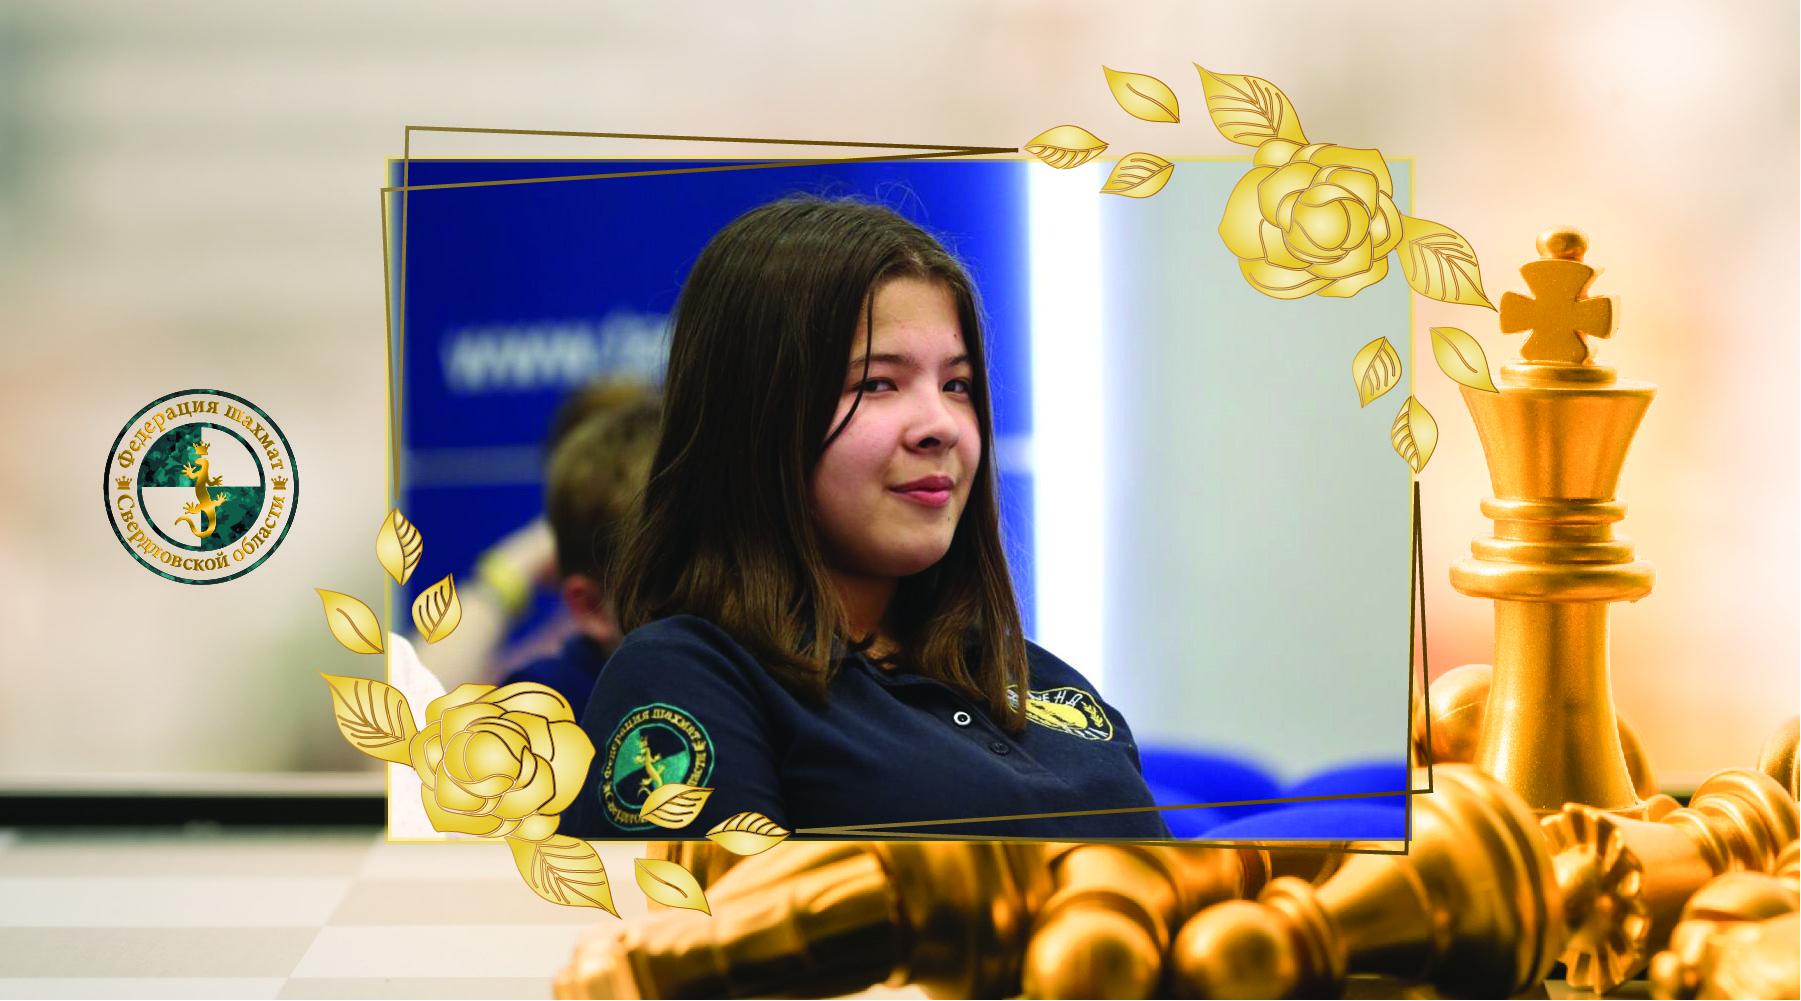 Поздравляем! Лея Гарифуллина чемпионка мира по шахматам среди девушек до 16-ти лет!